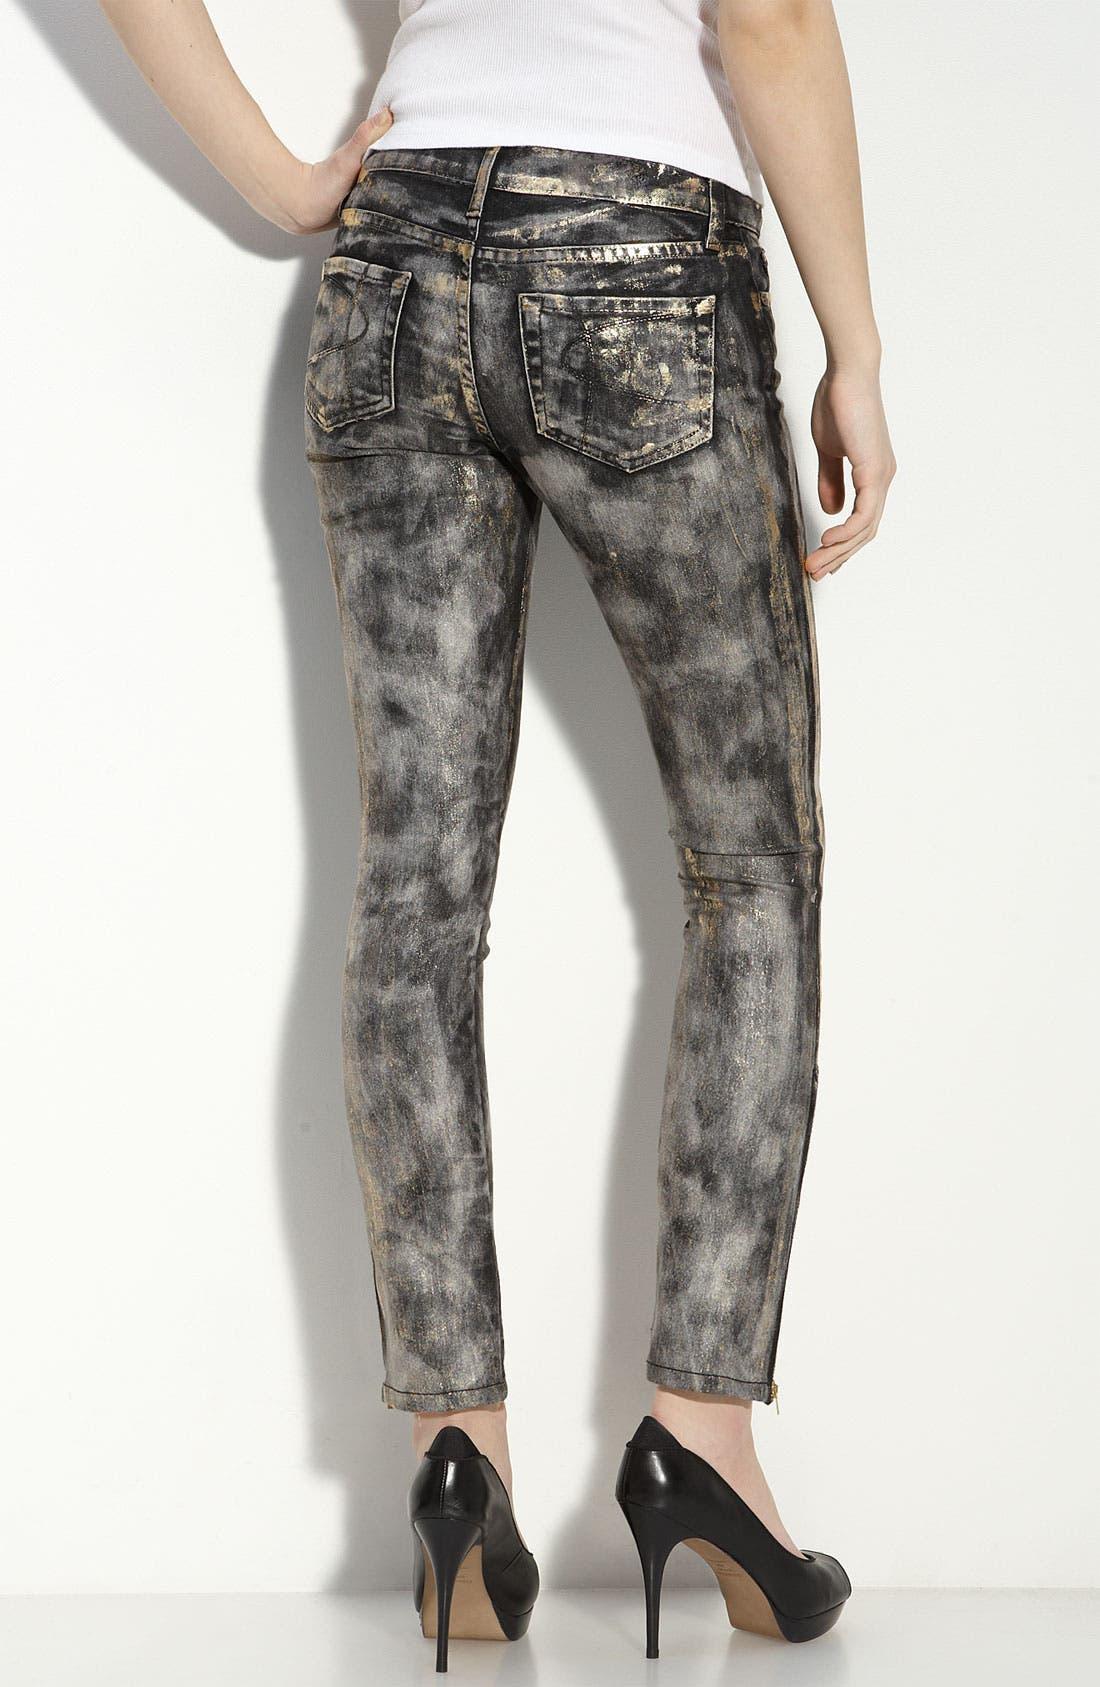 Main Image - David Kahn Jeans 'Nikki' Ankle Jeans